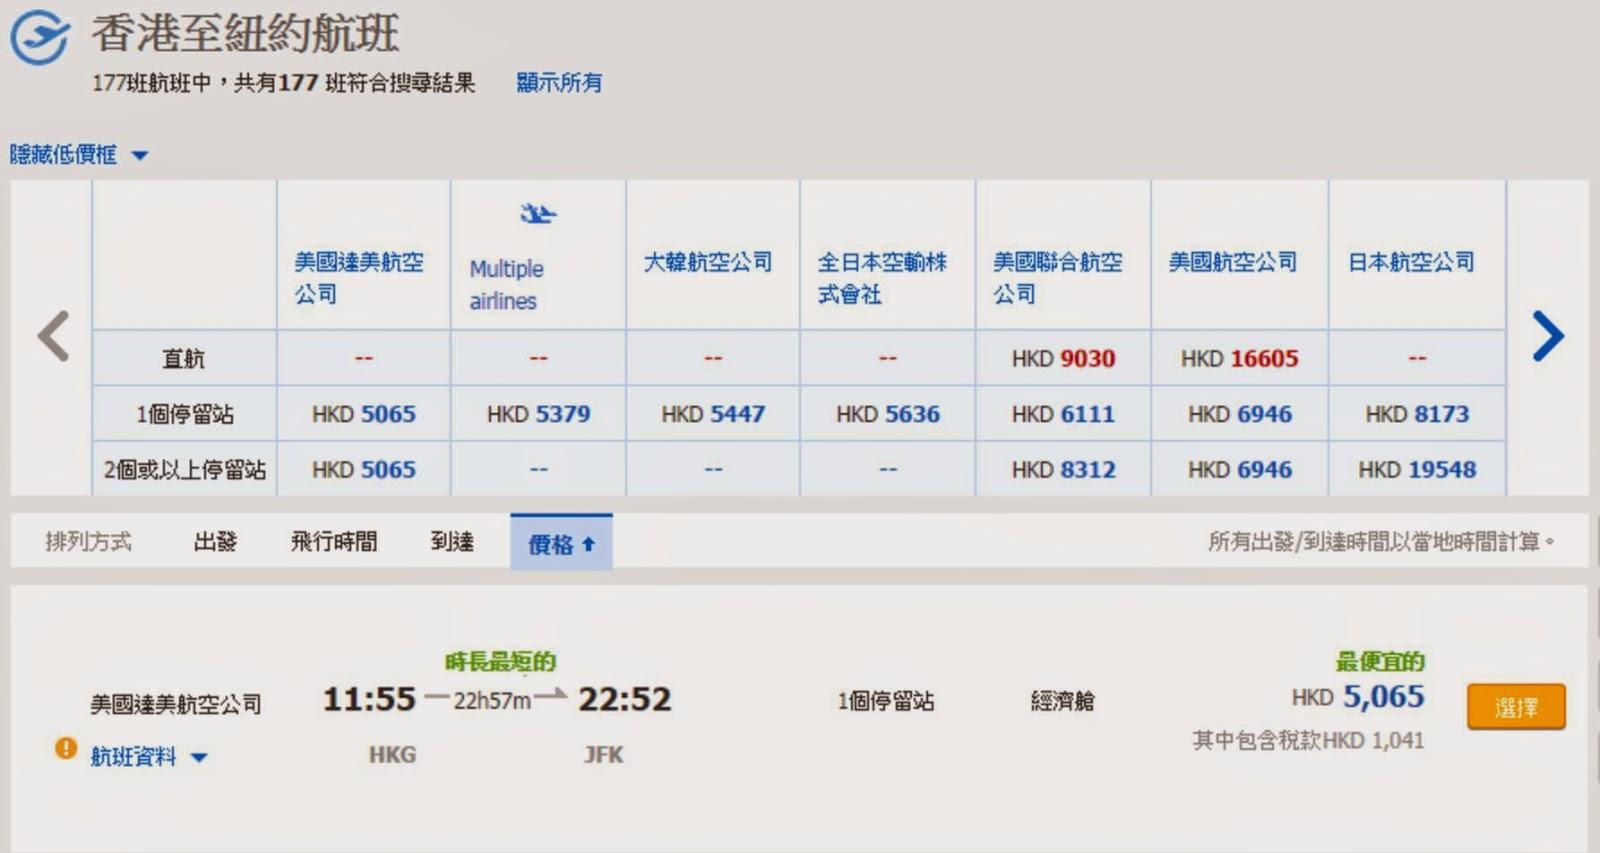 經西雅圖轉機,香港來回紐約,連稅$5,065